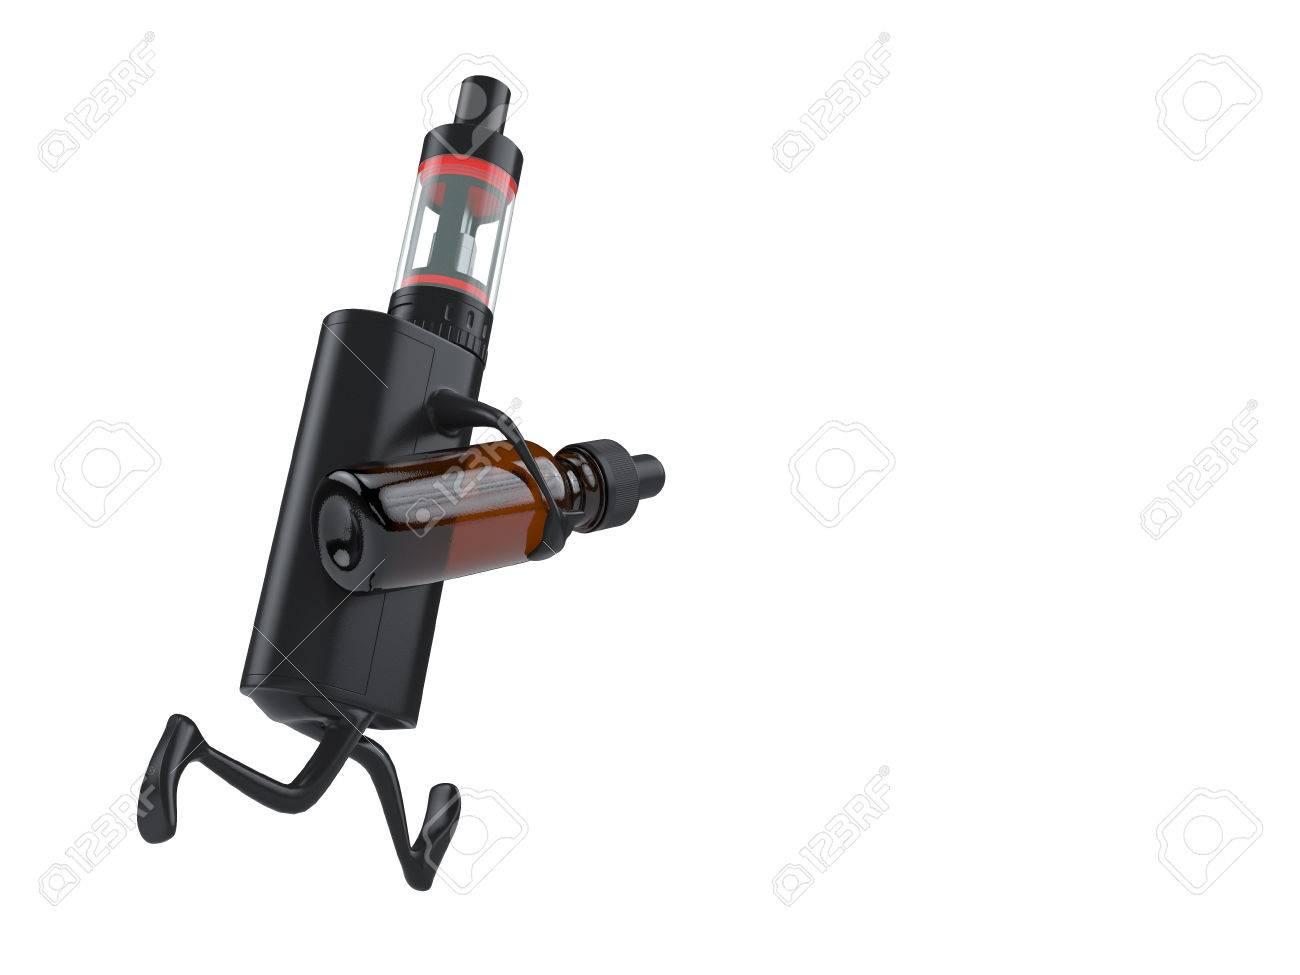 Running vaping ecig battery mod with ejuice bottle. Render Standard-Bild - 54499871